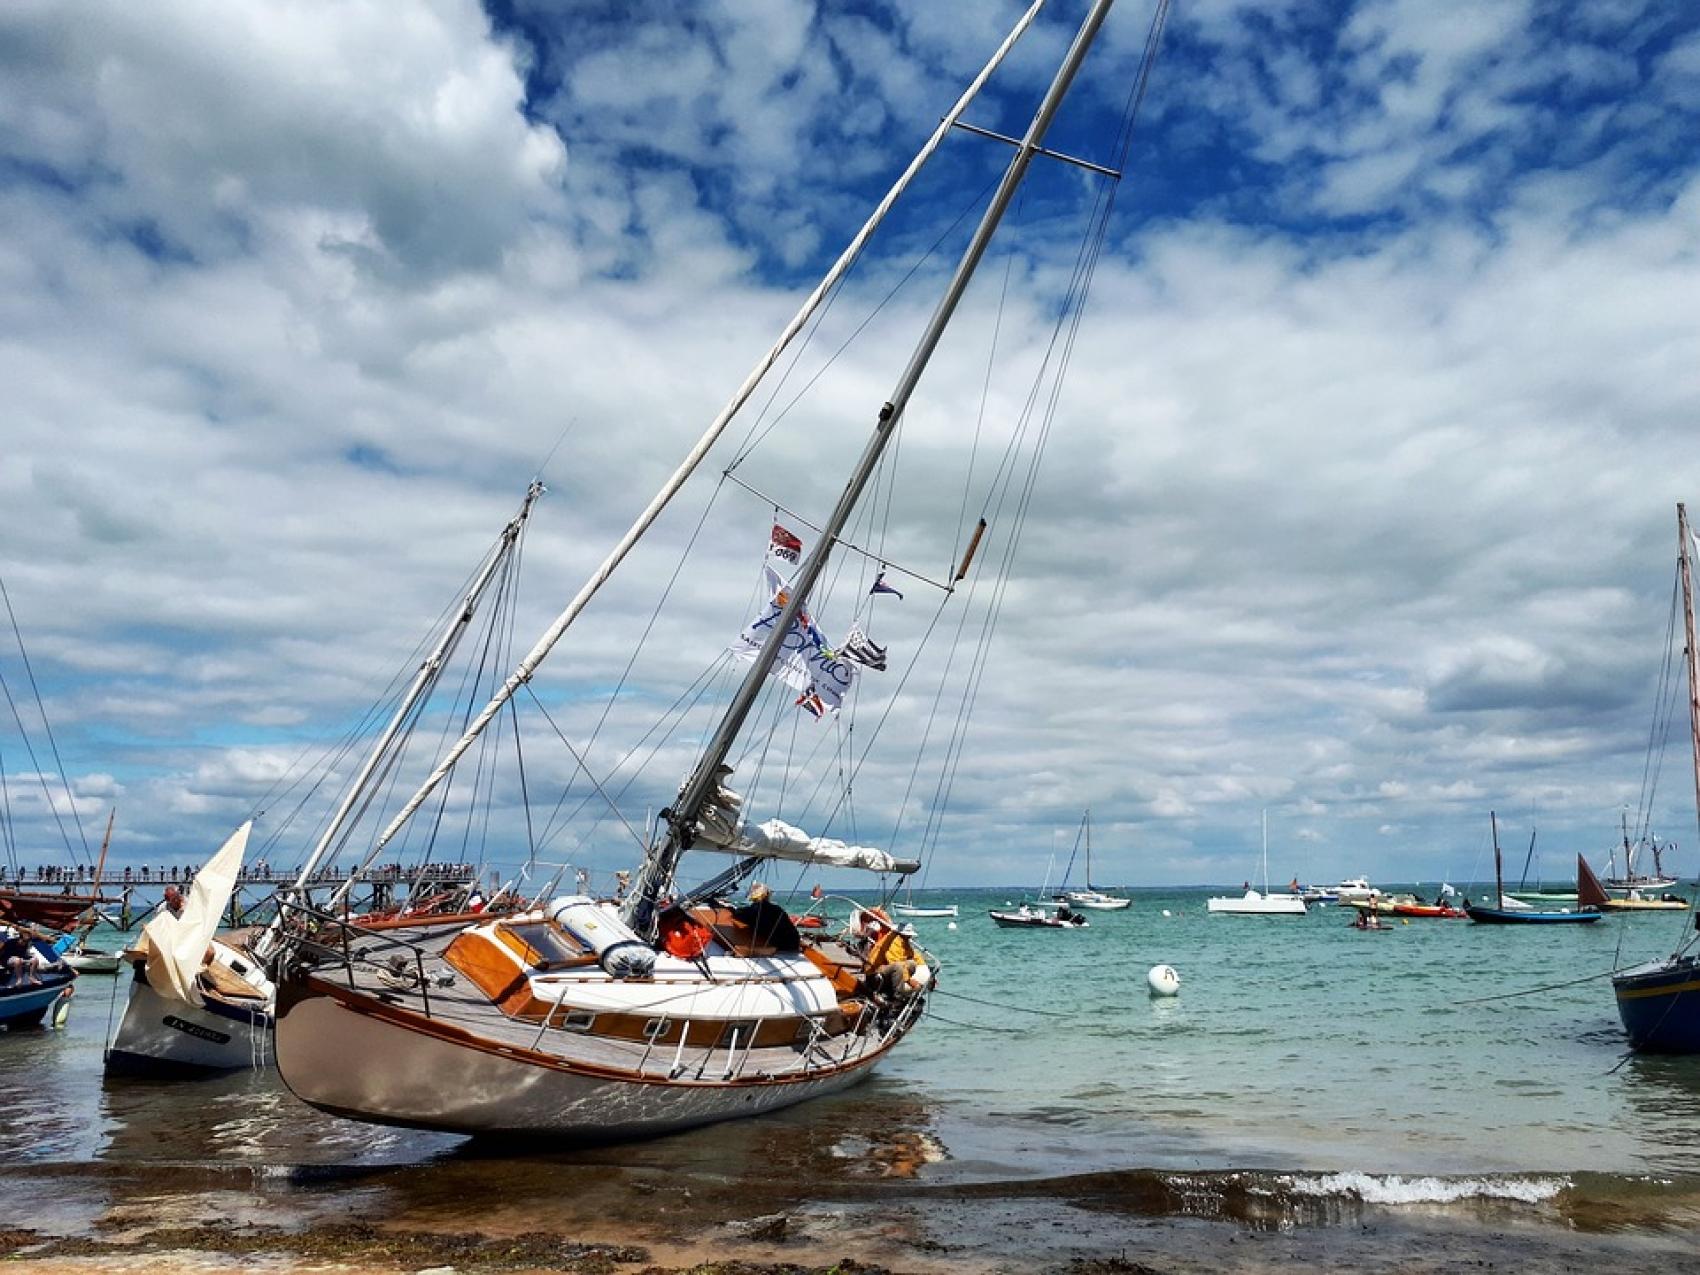 île de Noirmoutier   visite organisée Noirmoutier (85)   départ le